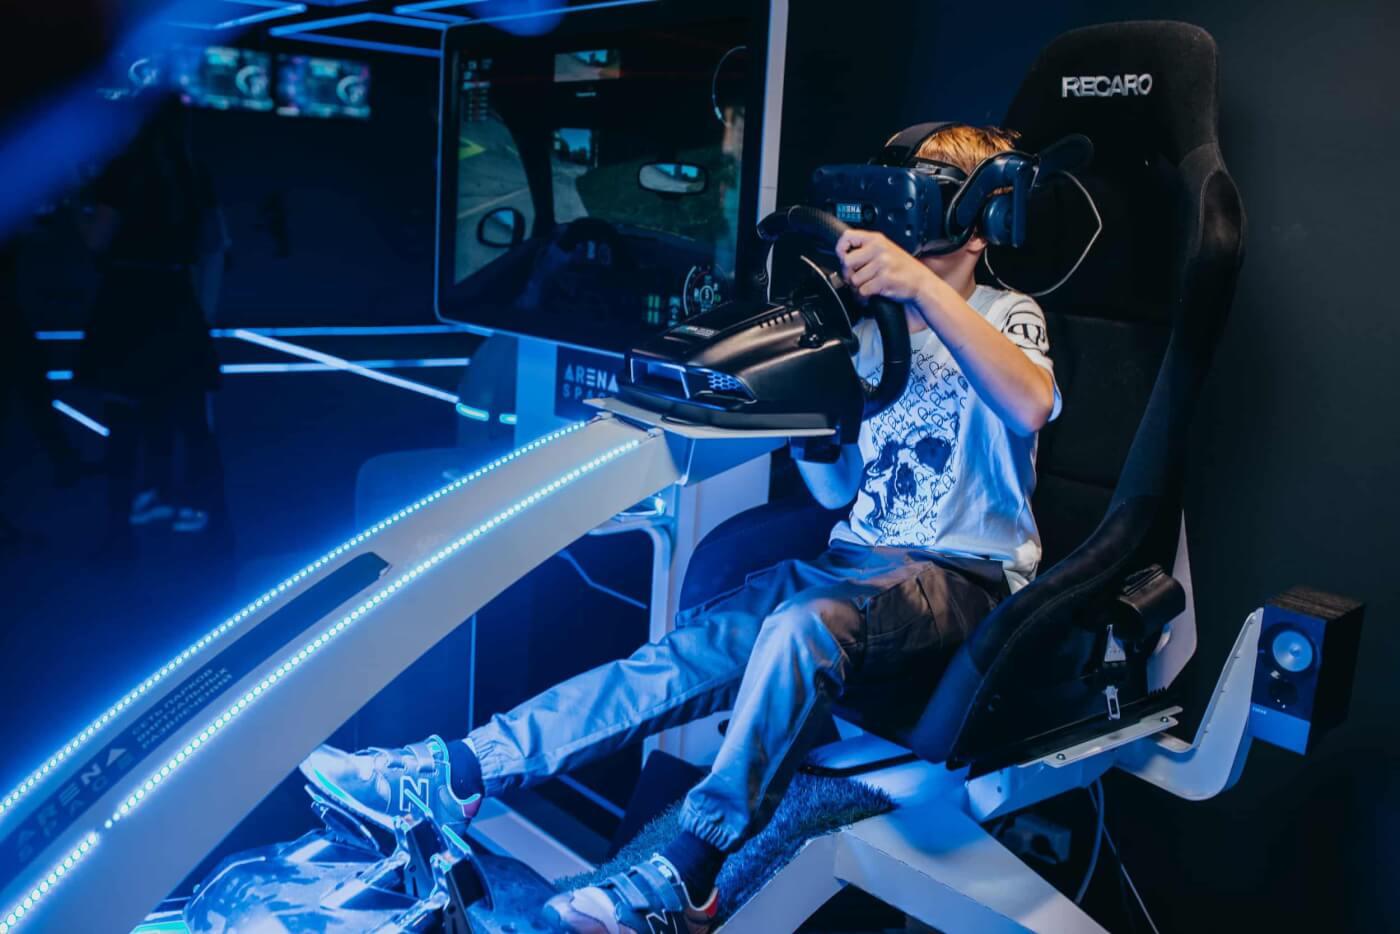 Топ 10 клубов виртуальной реальности в москве смотреть фильм закрытый клуб 2019